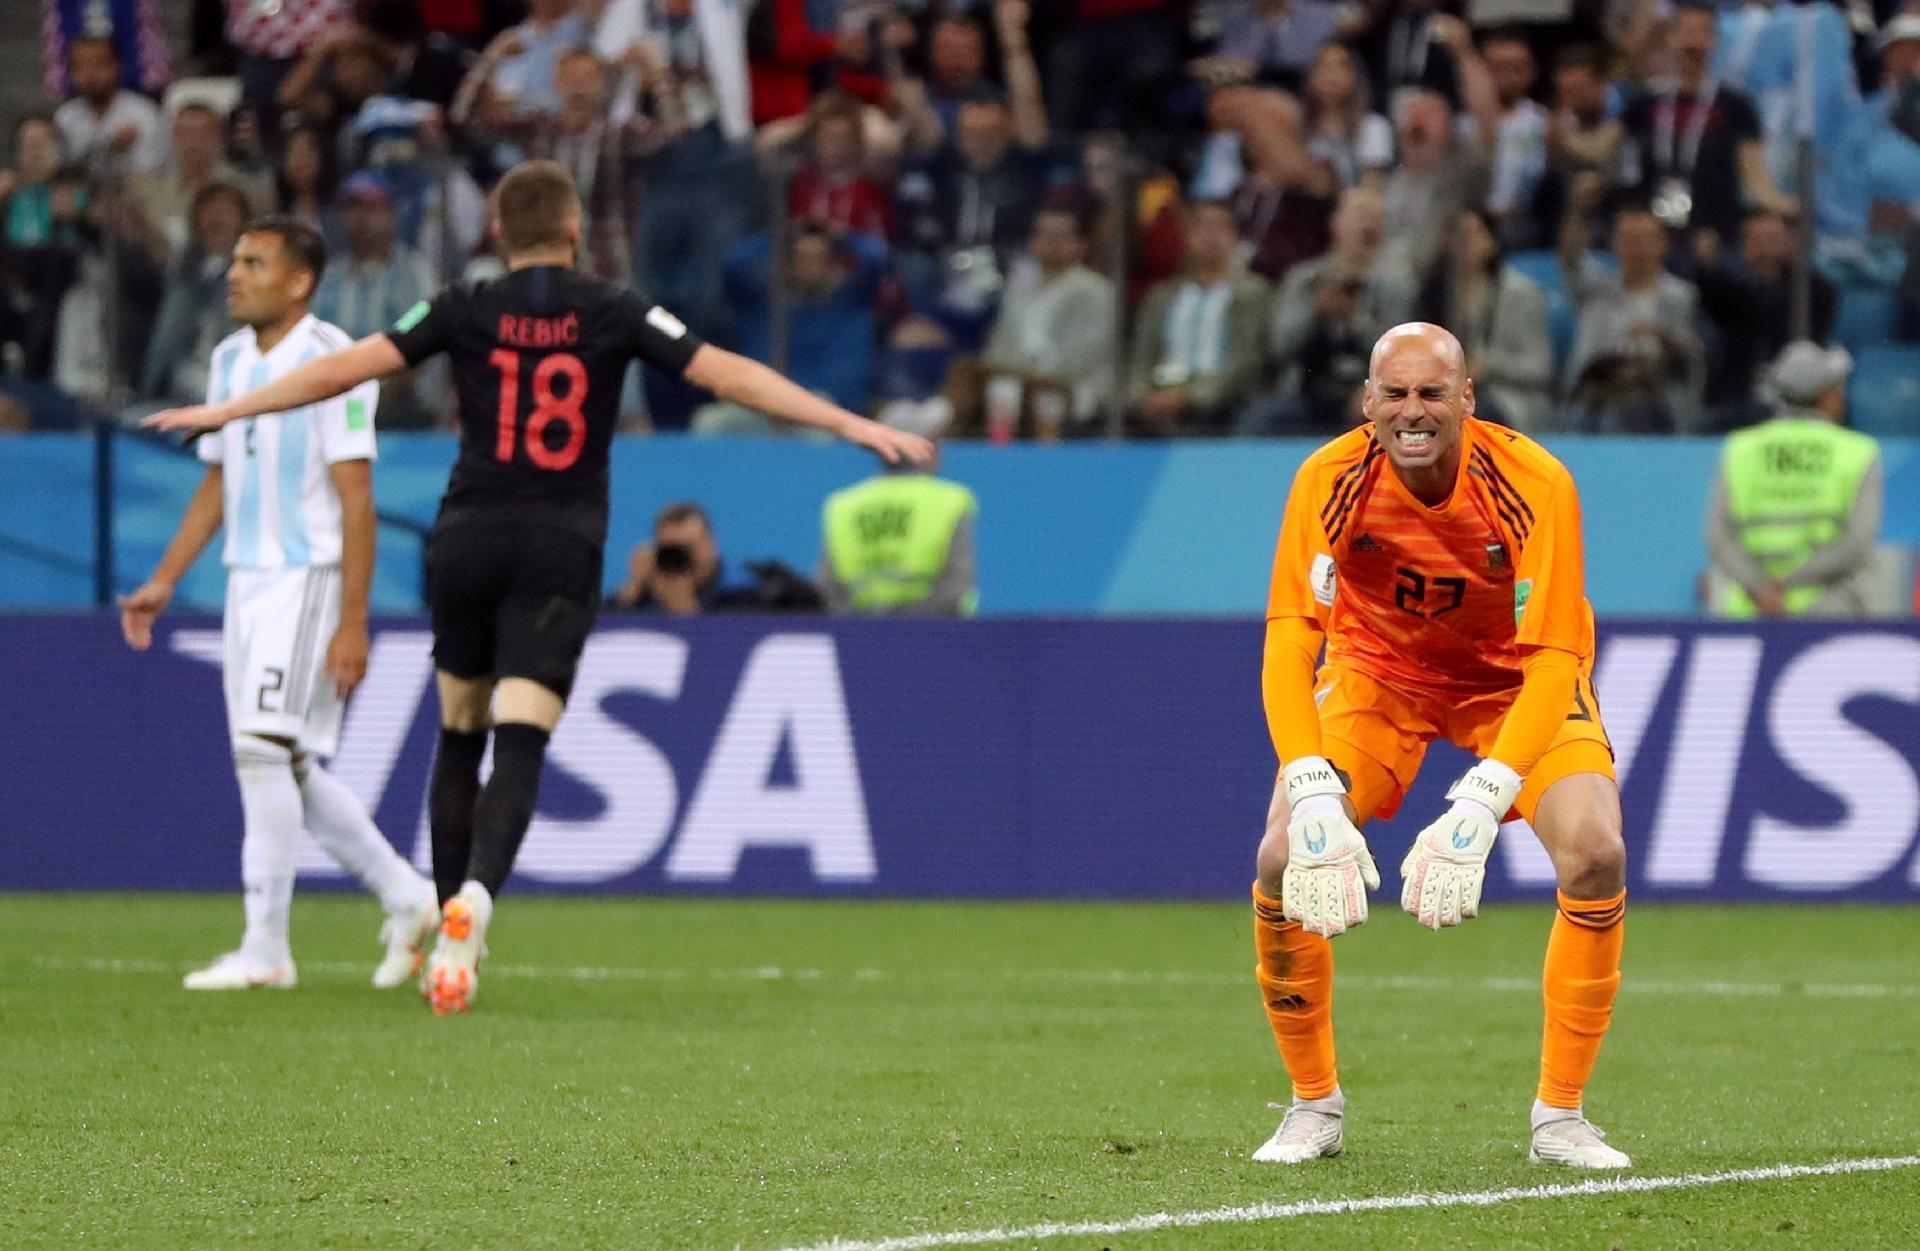 Argentina na Copa 2018  Argentinos atacam Caballero por falha e não perdoam  nem foto com filhas - UOL Copa do Mundo 2018 279775b33b